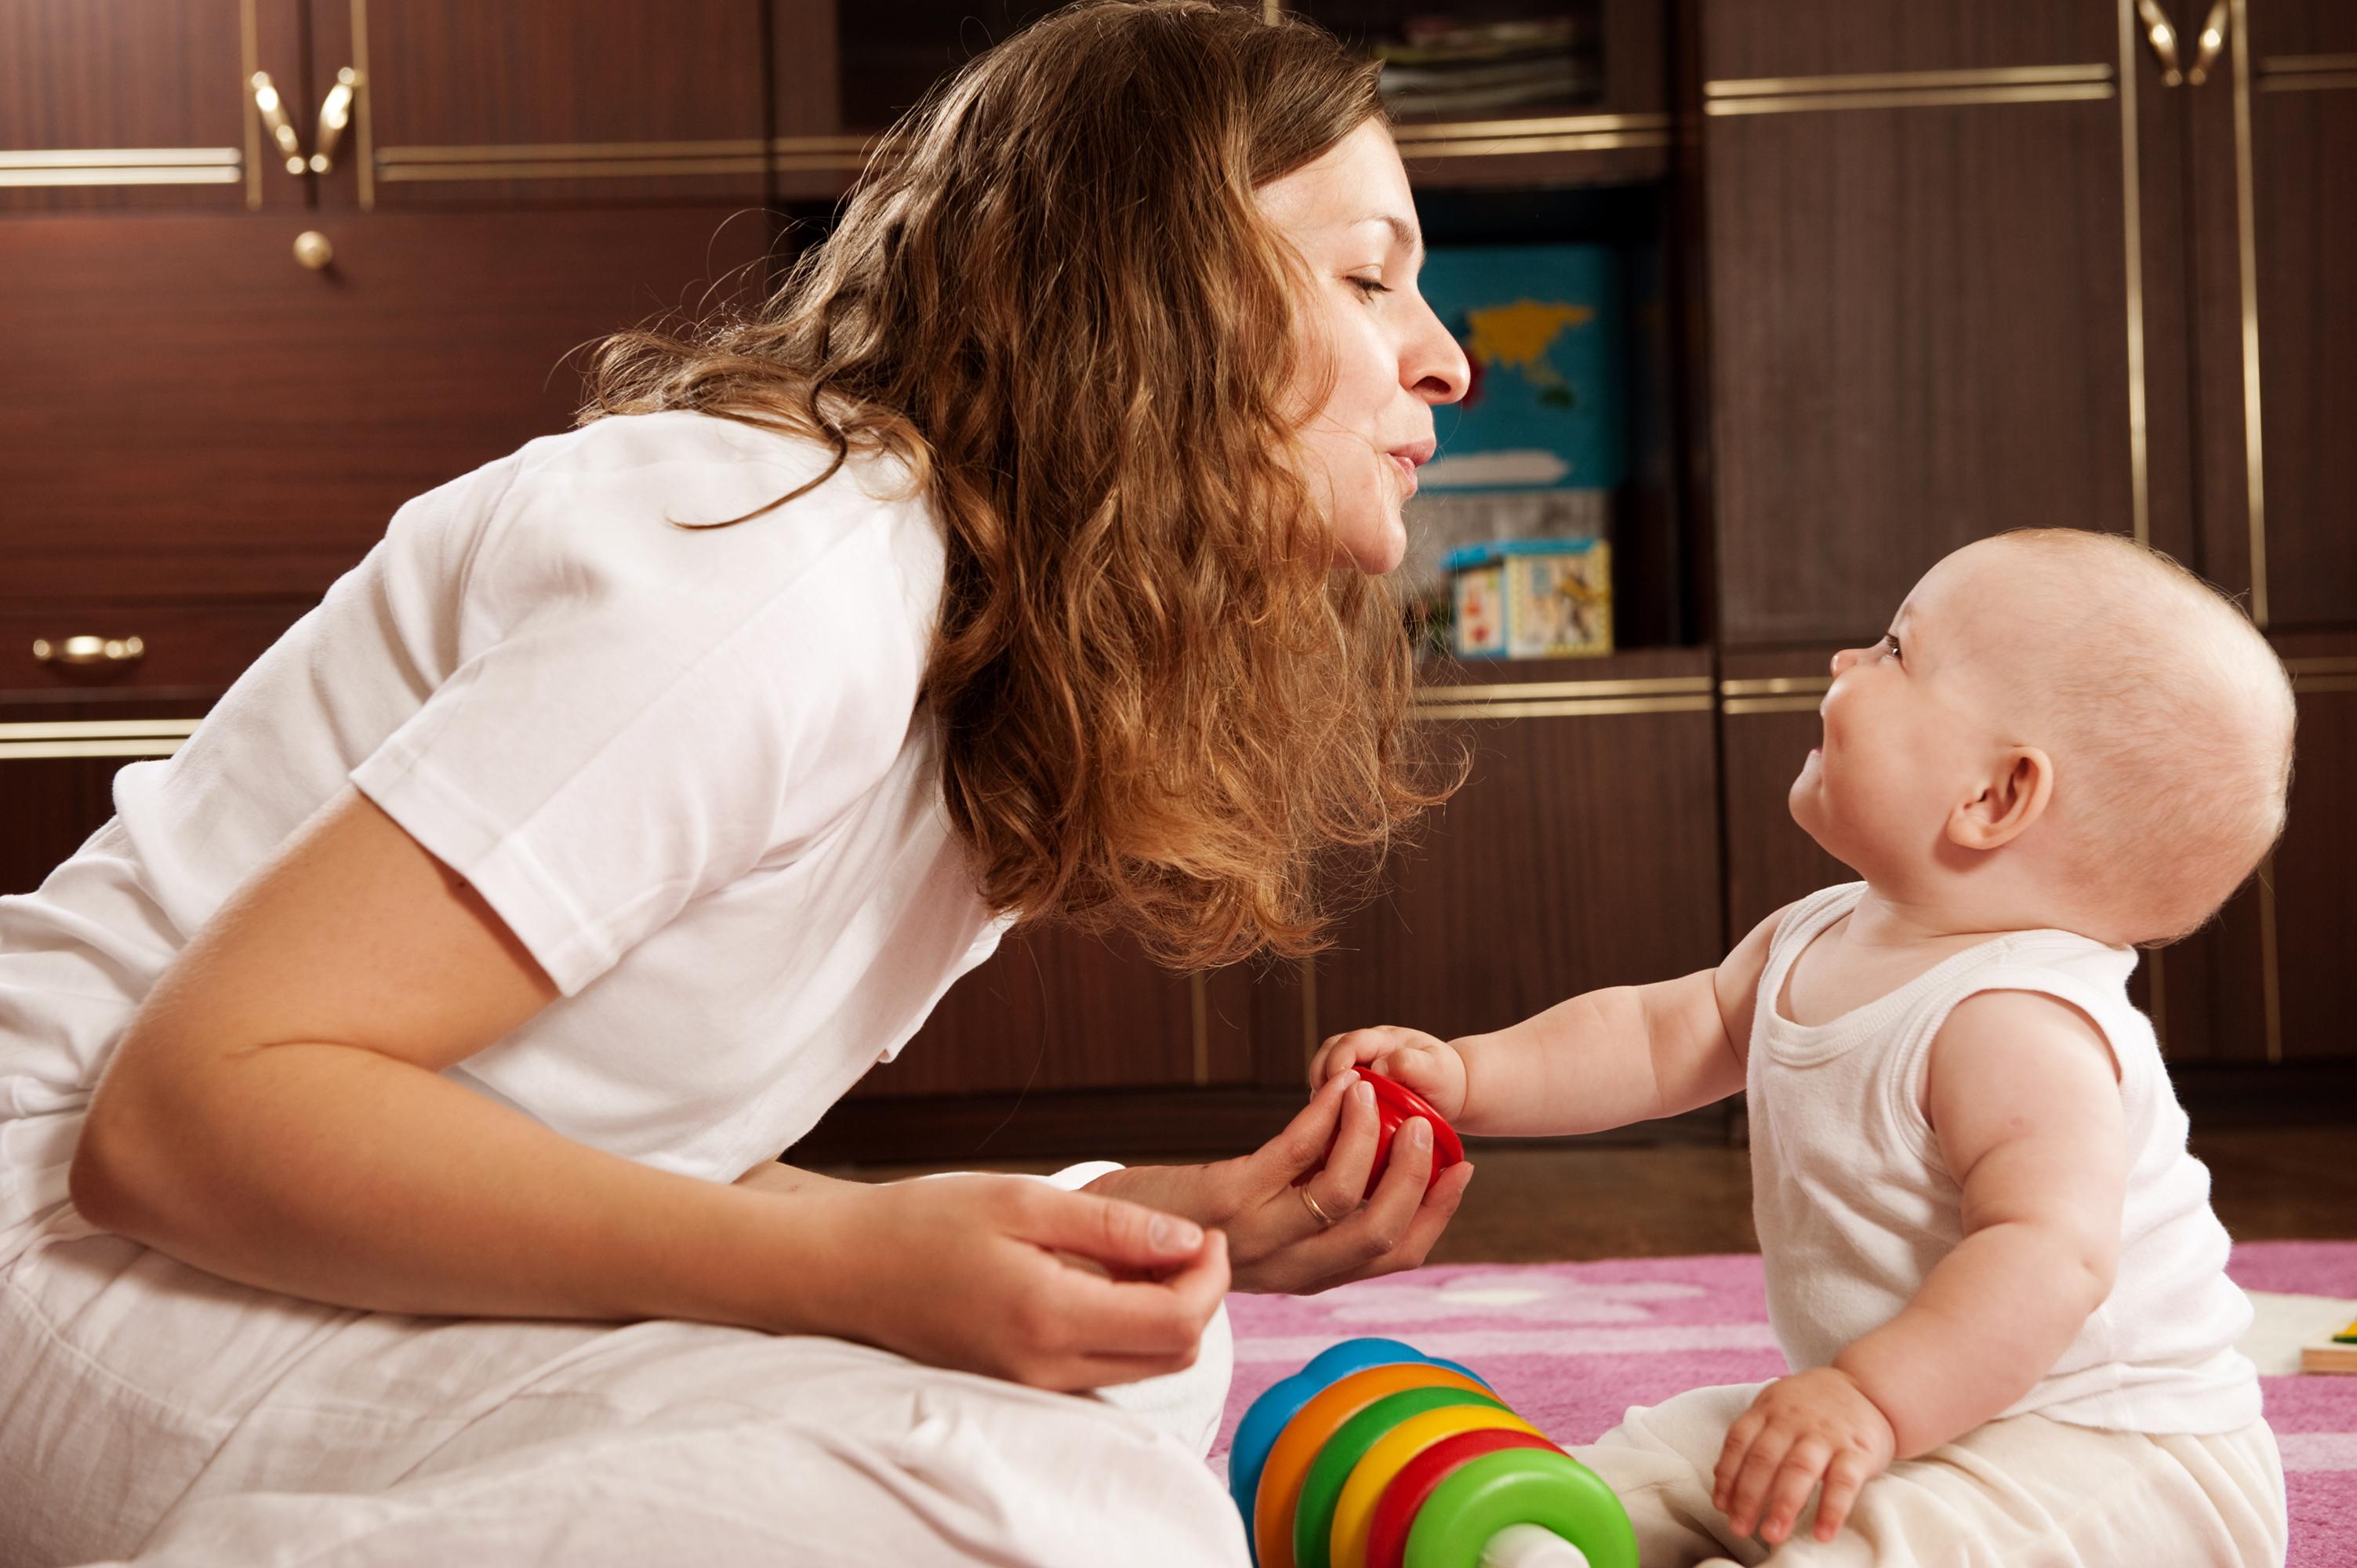 hvornår begynder børn at tale